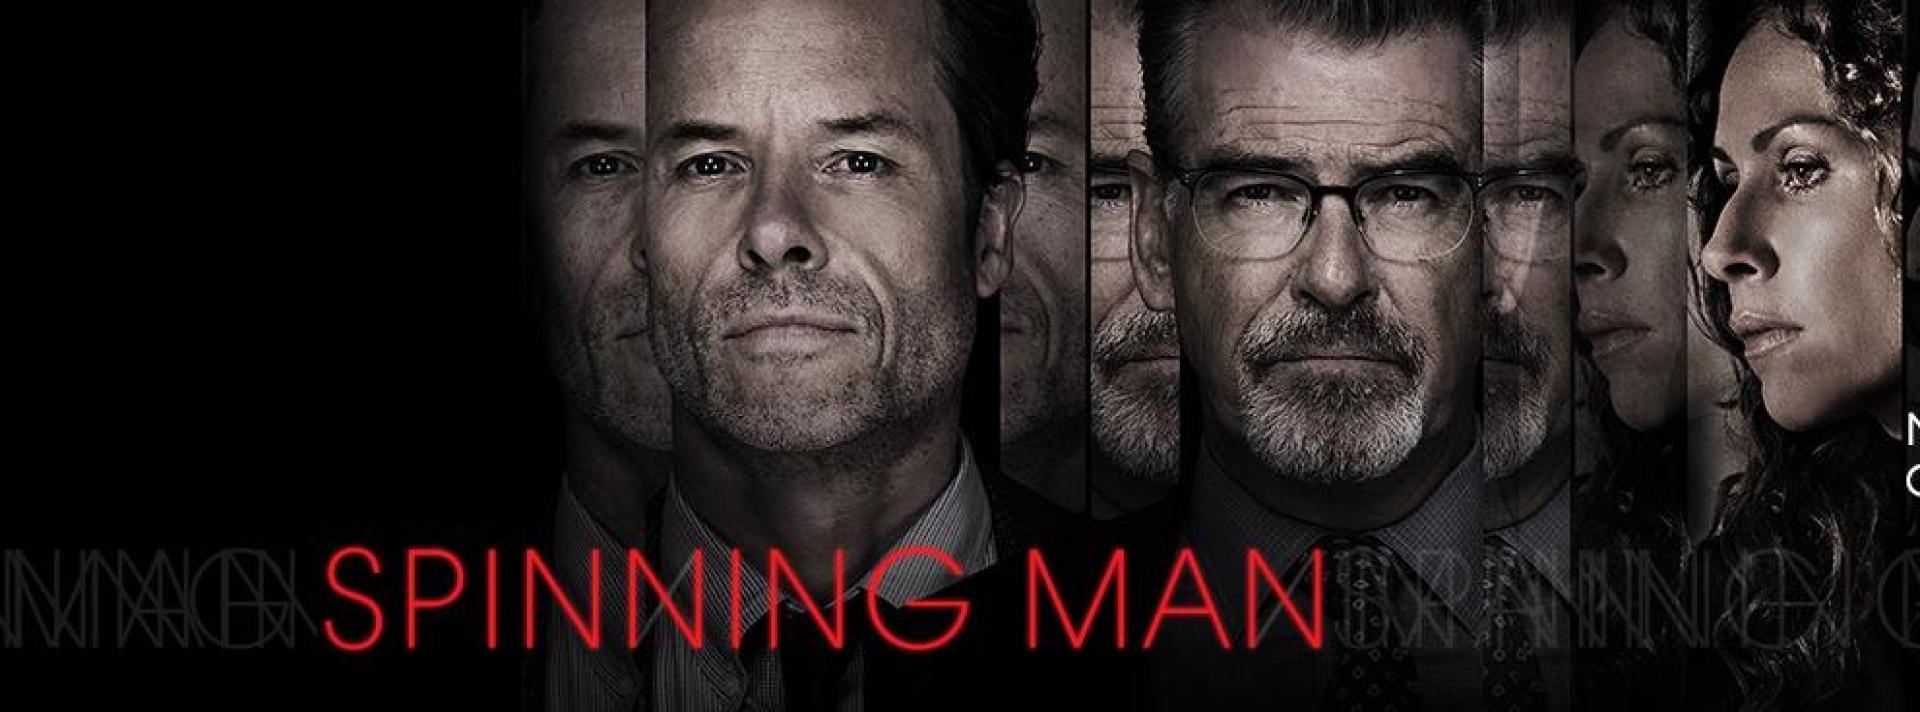 Spinning Man / A gyilkosság filozófiája (2018)